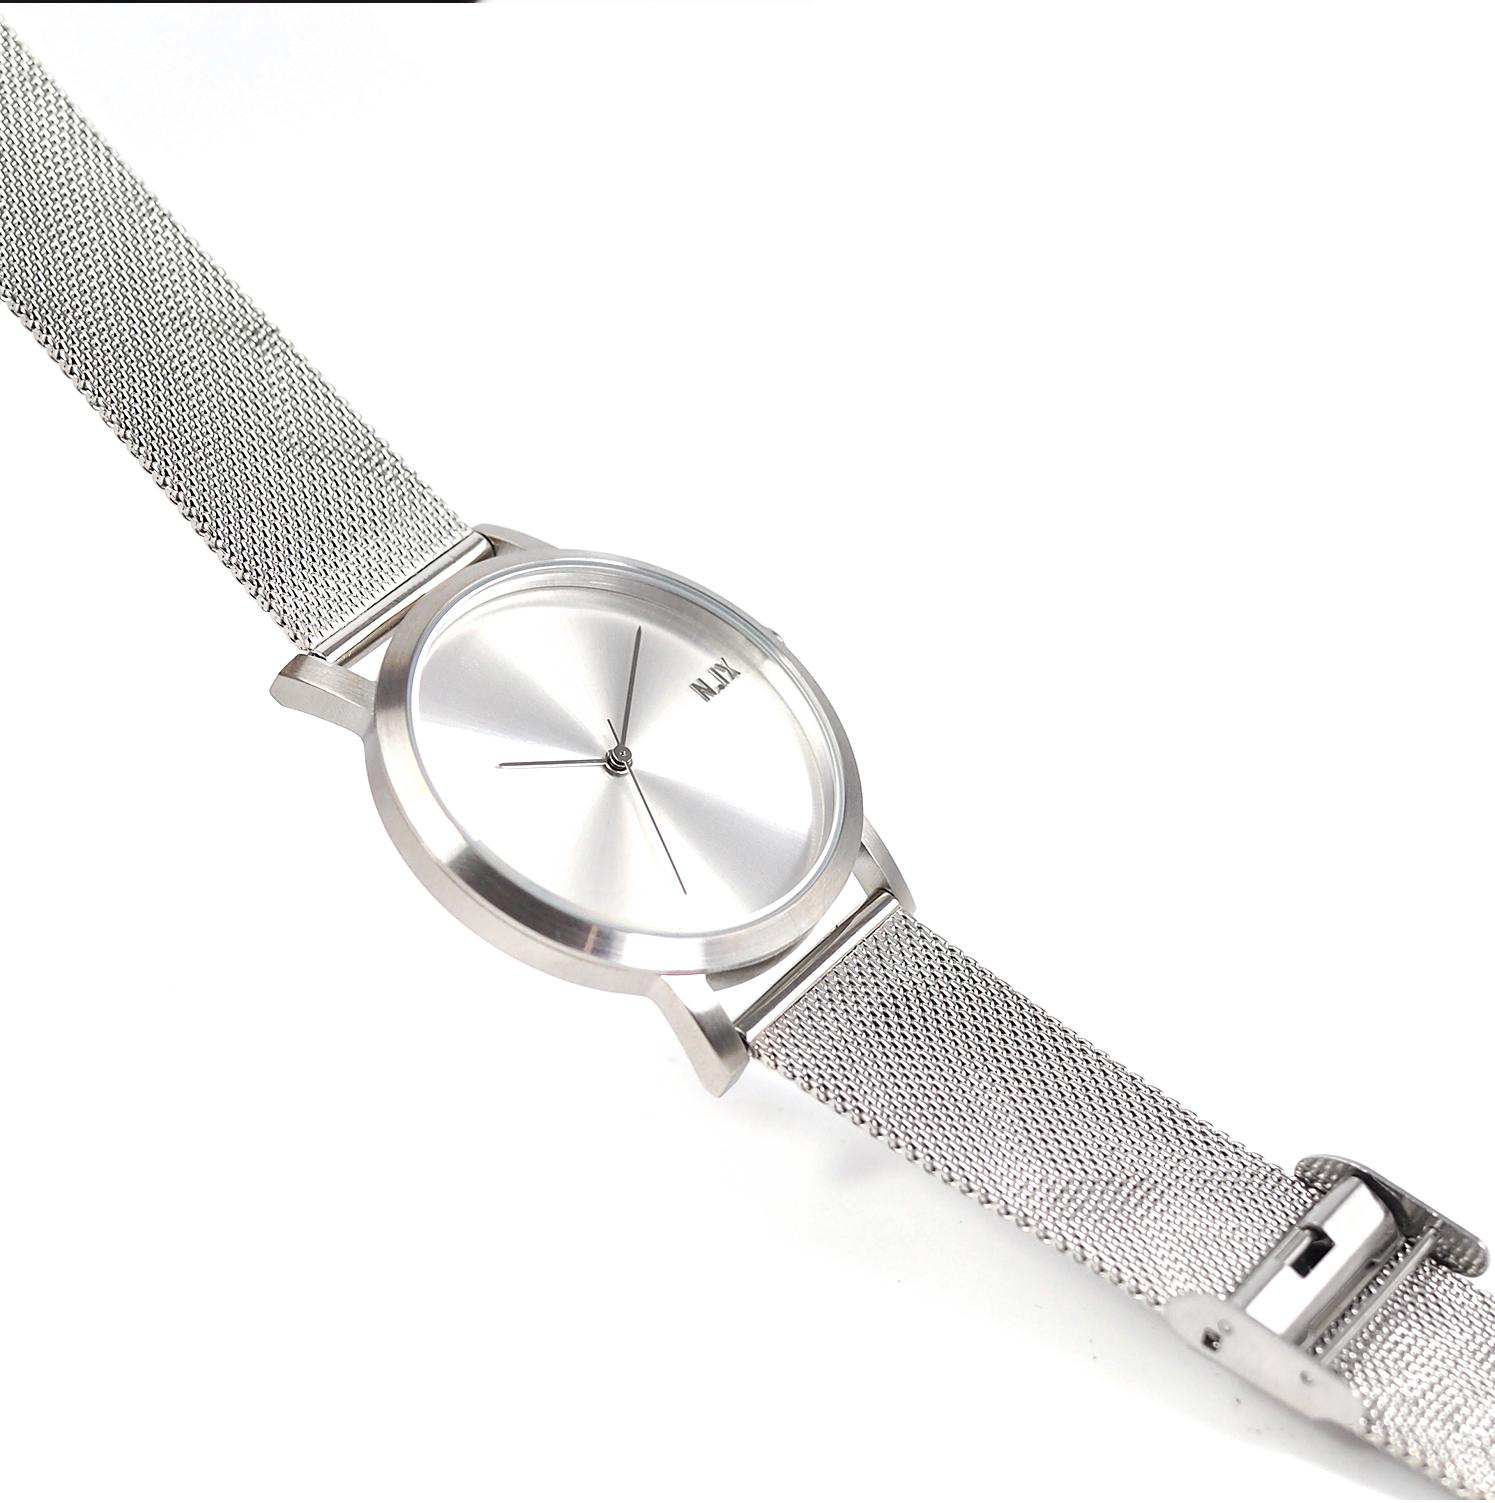 ฟรีจัดส่ง,NIXwatch,NIXstudio,MetalProject,Minimalwatches,stainless,mesh,Unisex,gift,Metallic,present,silver